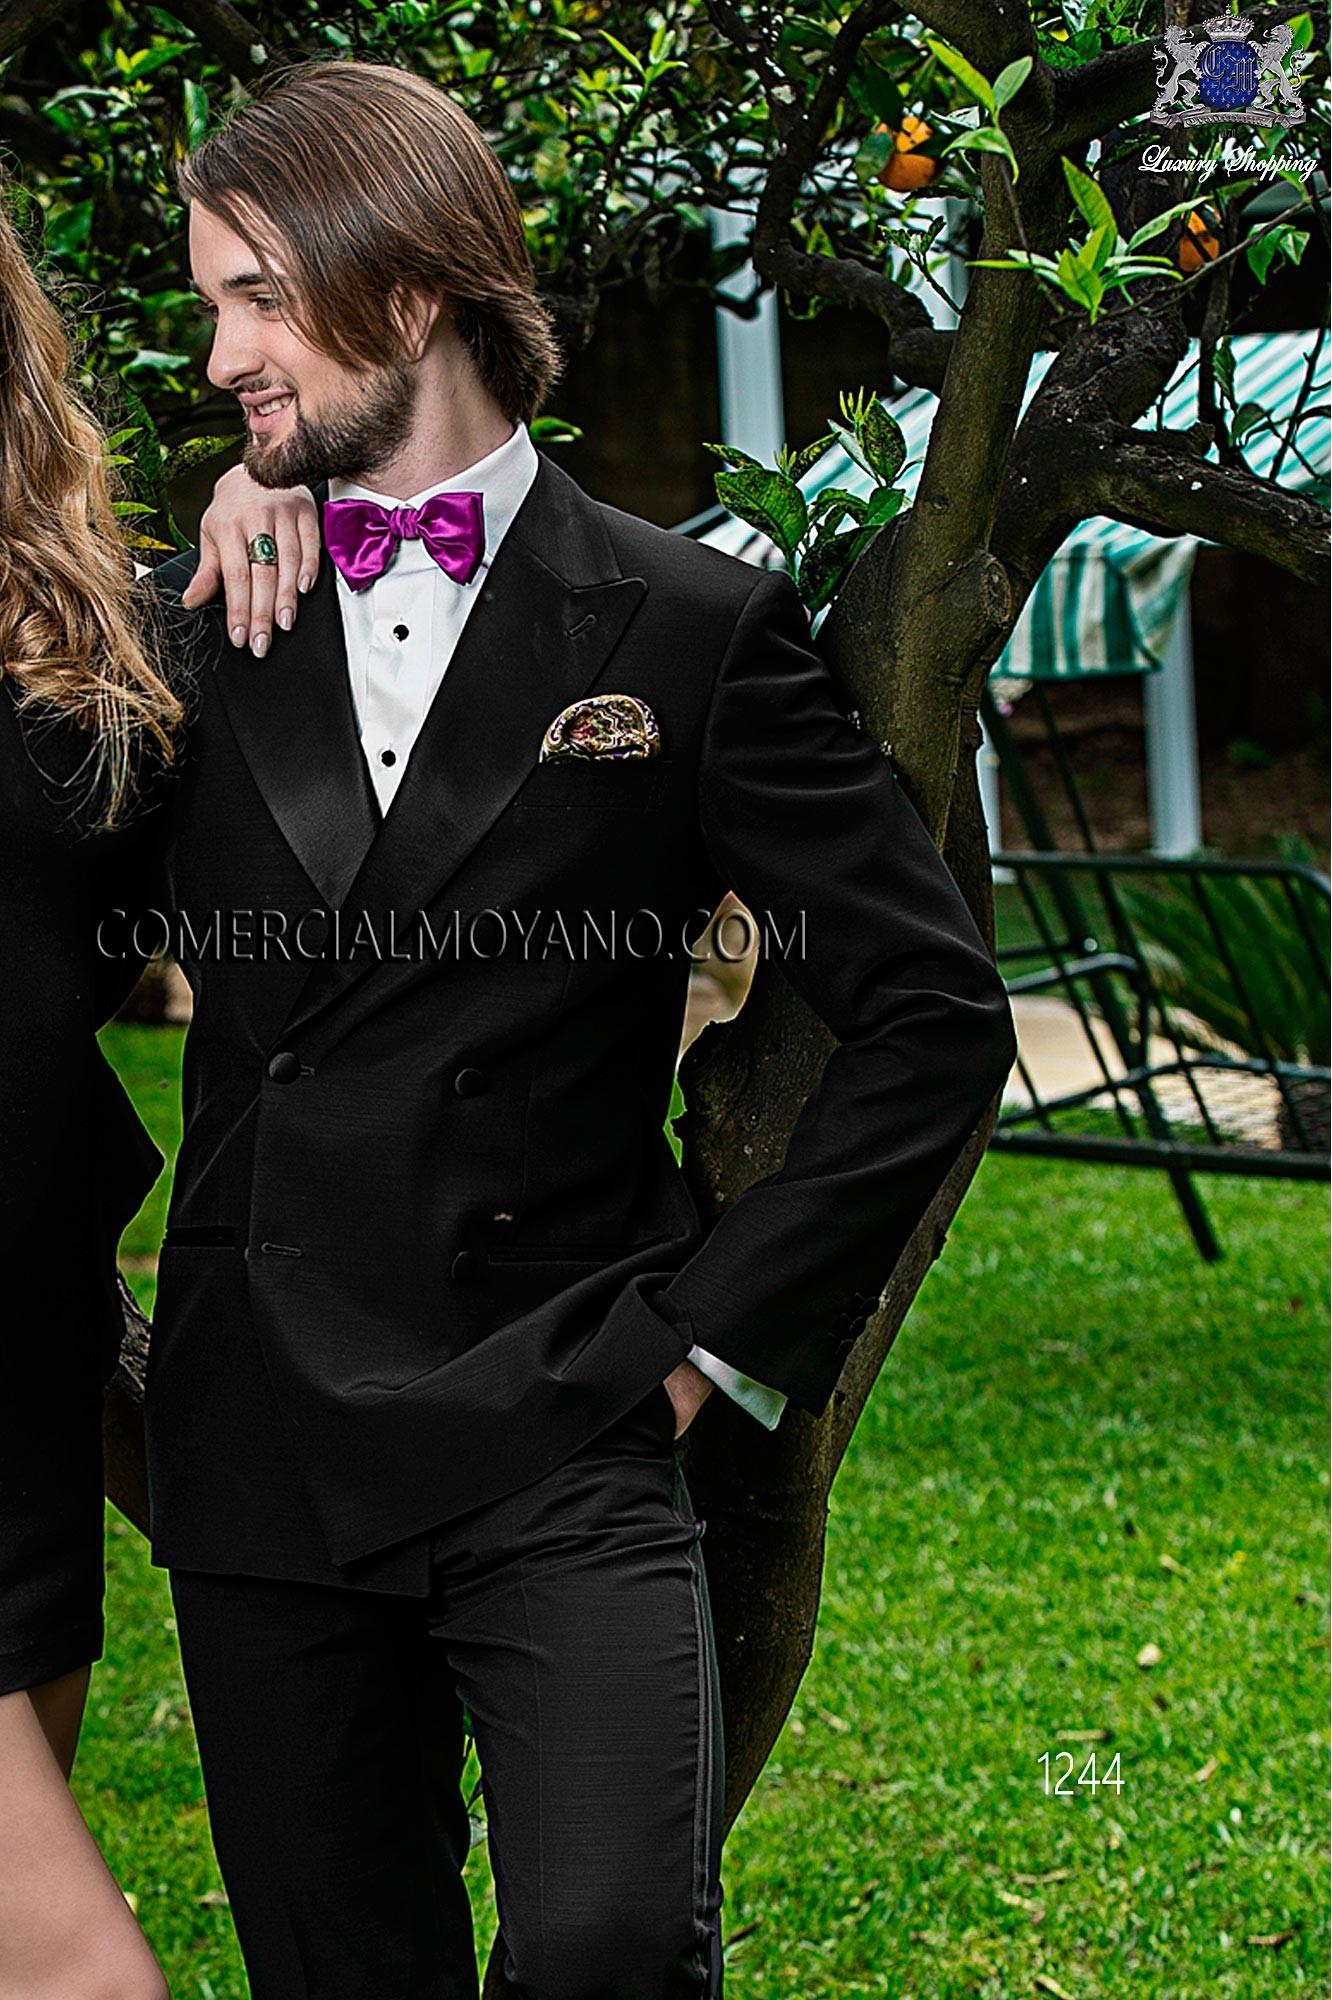 Traje BlackTie de novio negro modelo: 1244 Ottavio Nuccio Gala colección Black Tie 2017